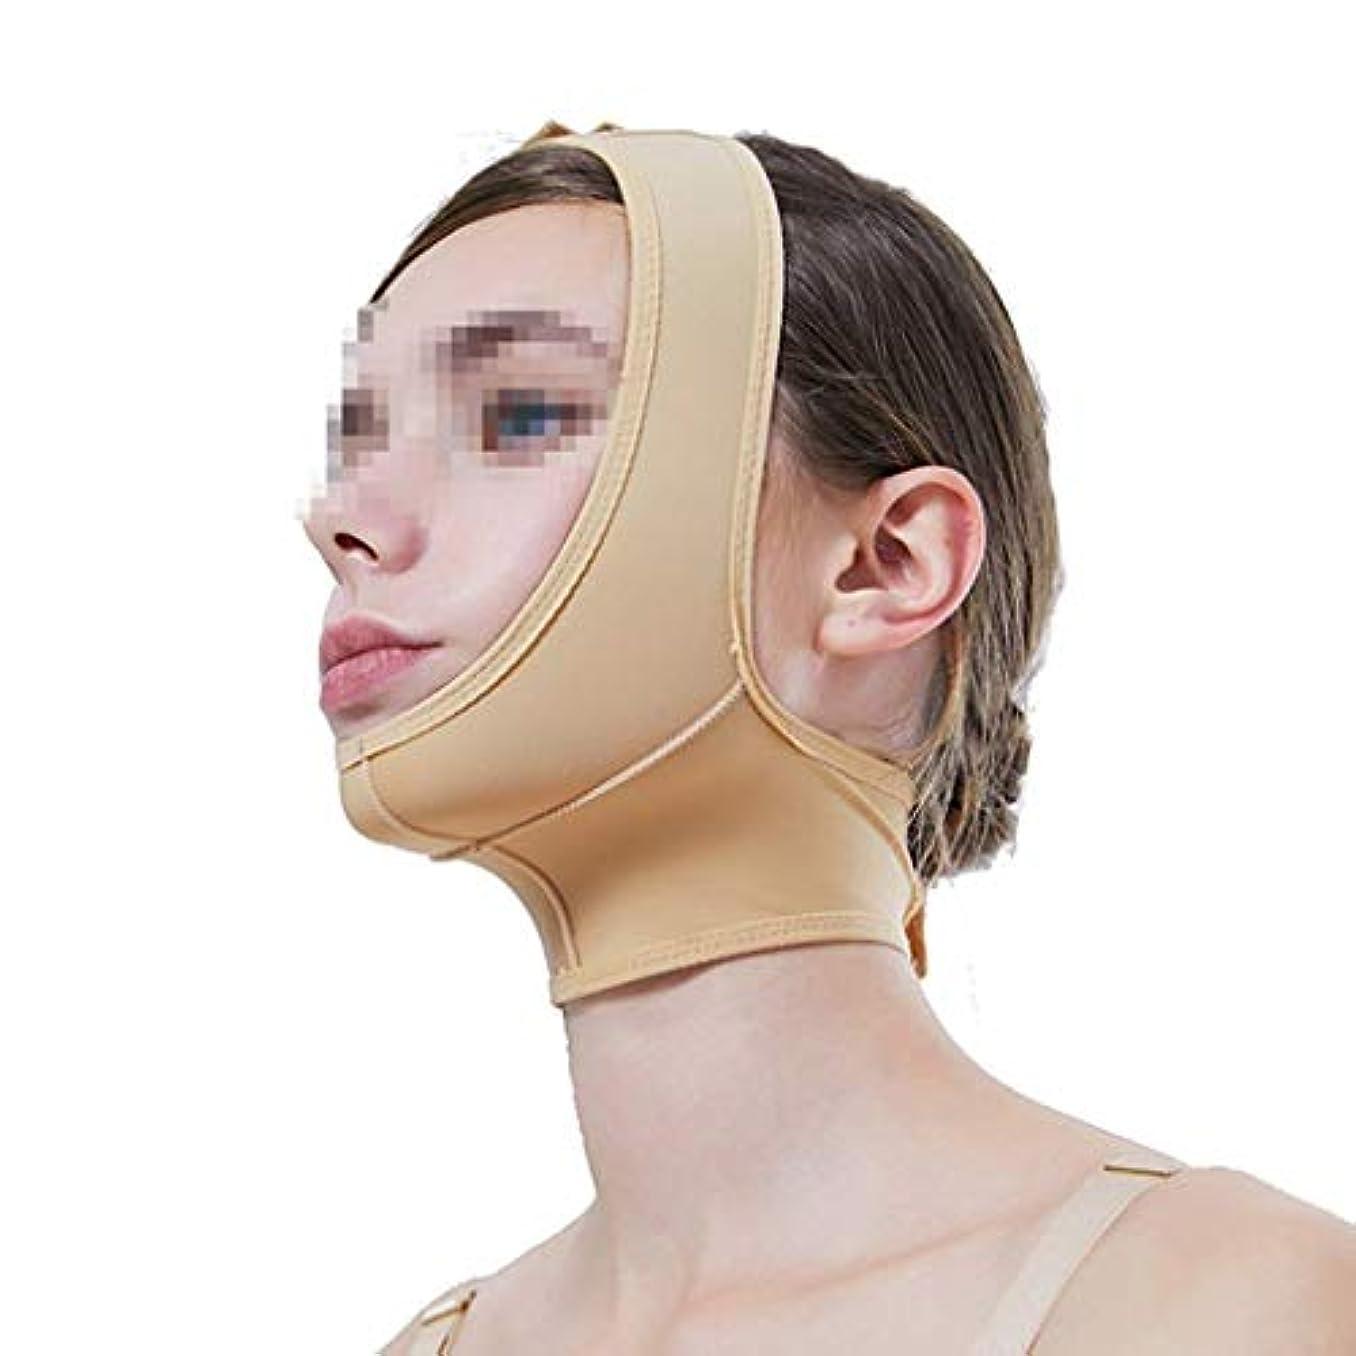 前提条件貢献肌弾性の薄いフェイスフード、下顎スリーブ術後の弾性スリーブのフェイスVフェイスマスク付きの薄いダブルチンビーストバーマルチサイズオプション(サイズ:M)